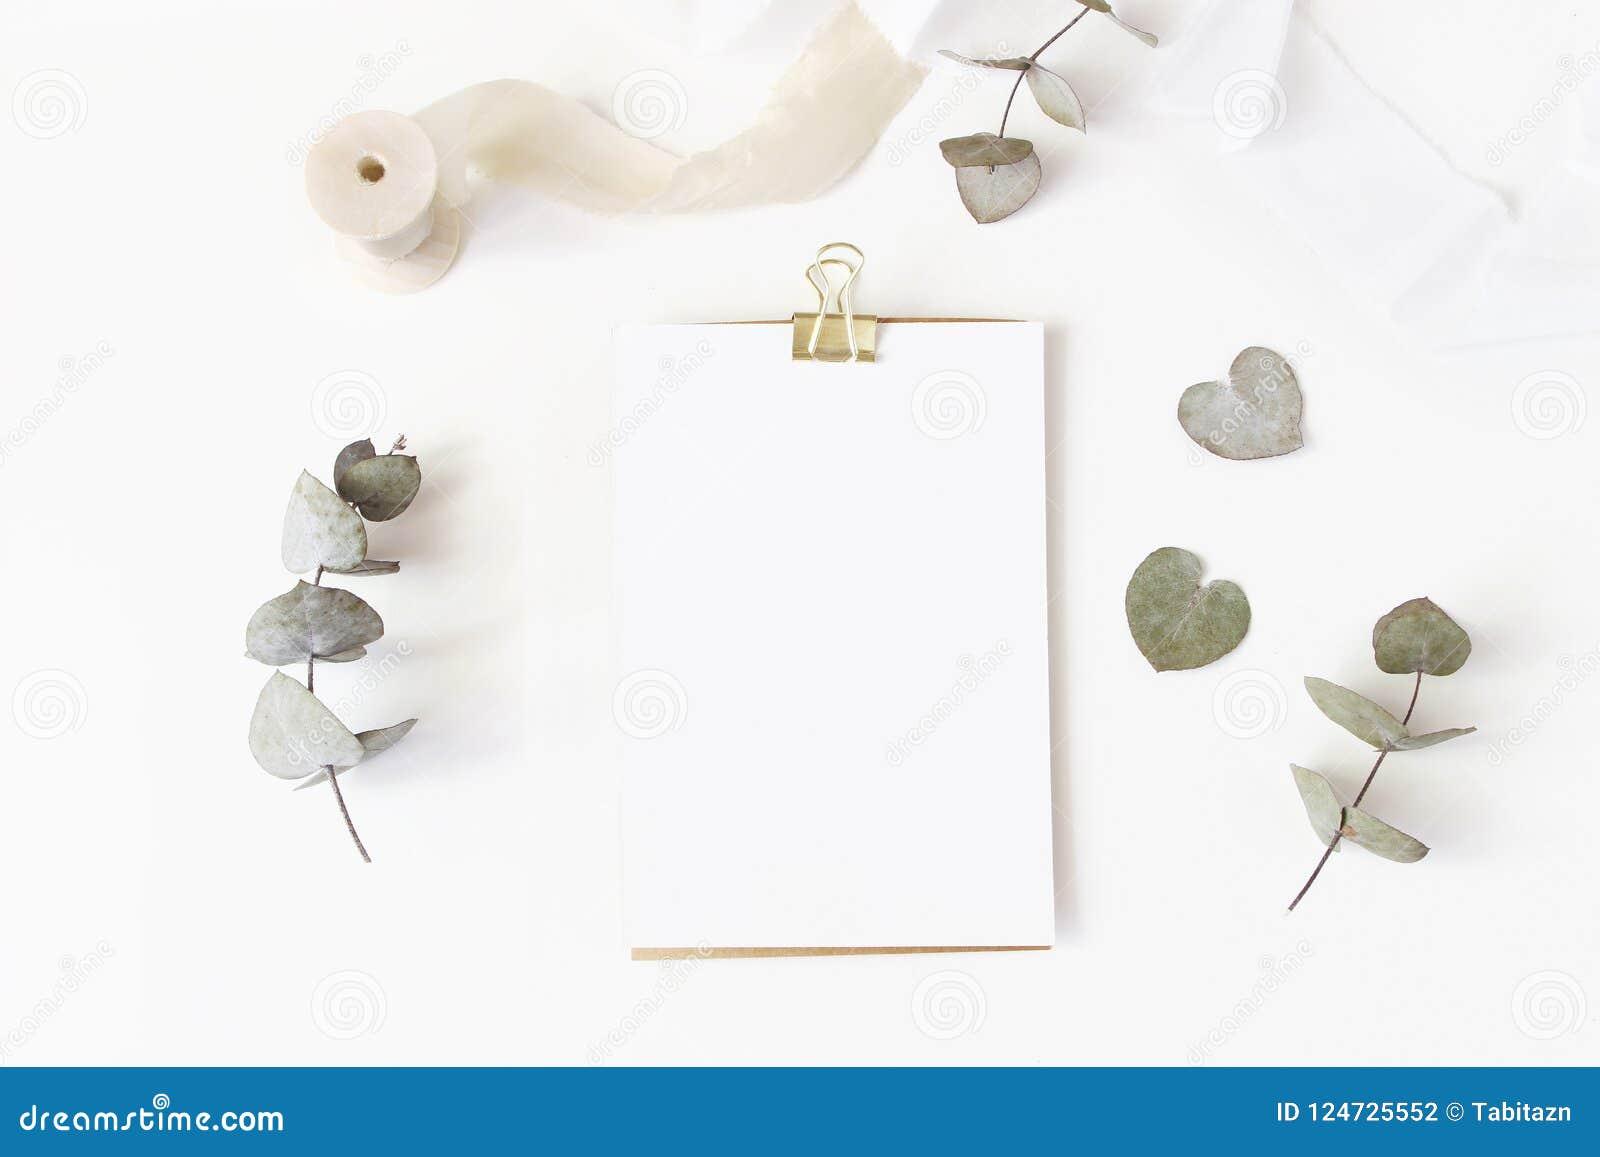 女性与空白的贺卡,干燥玉树叶子的婚礼桌面文具大模型,丝绸丝带和金黄